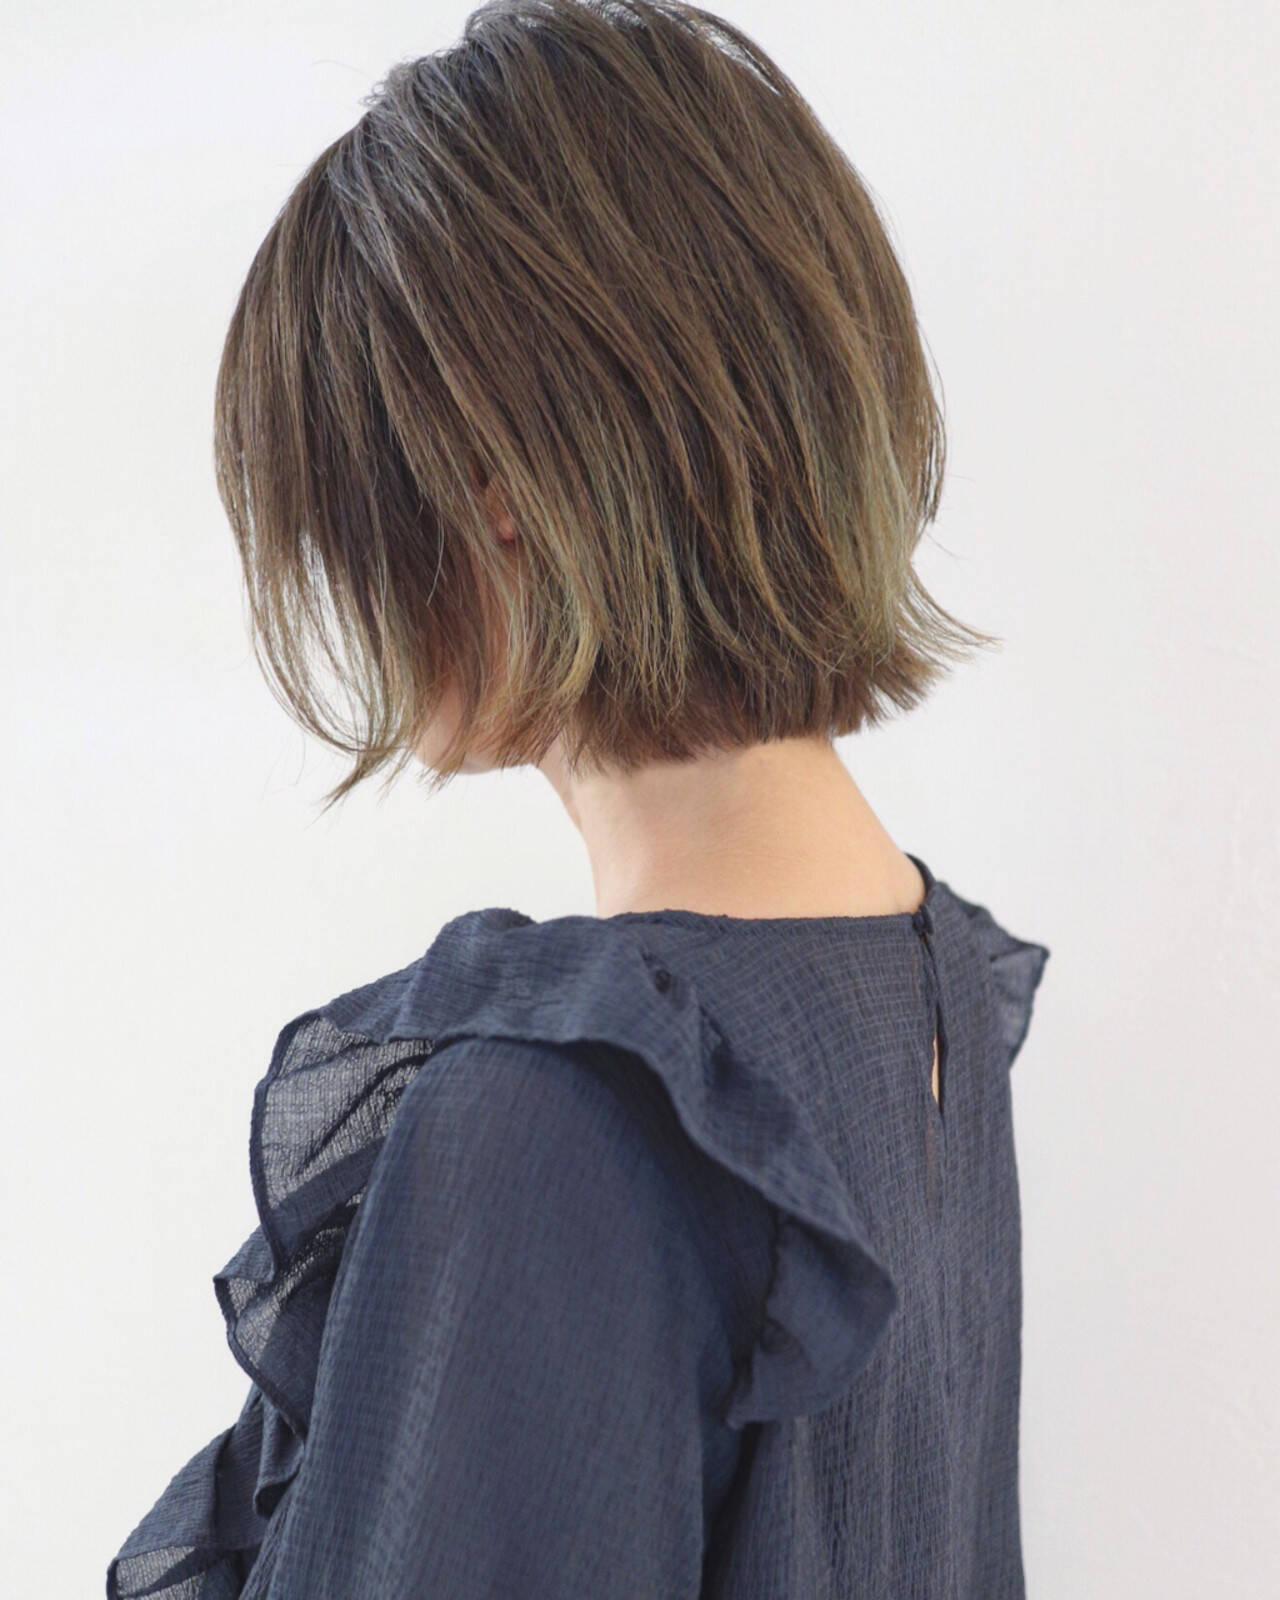 バレイヤージュ ハイライト グラデーションカラー 外ハネヘアスタイルや髪型の写真・画像